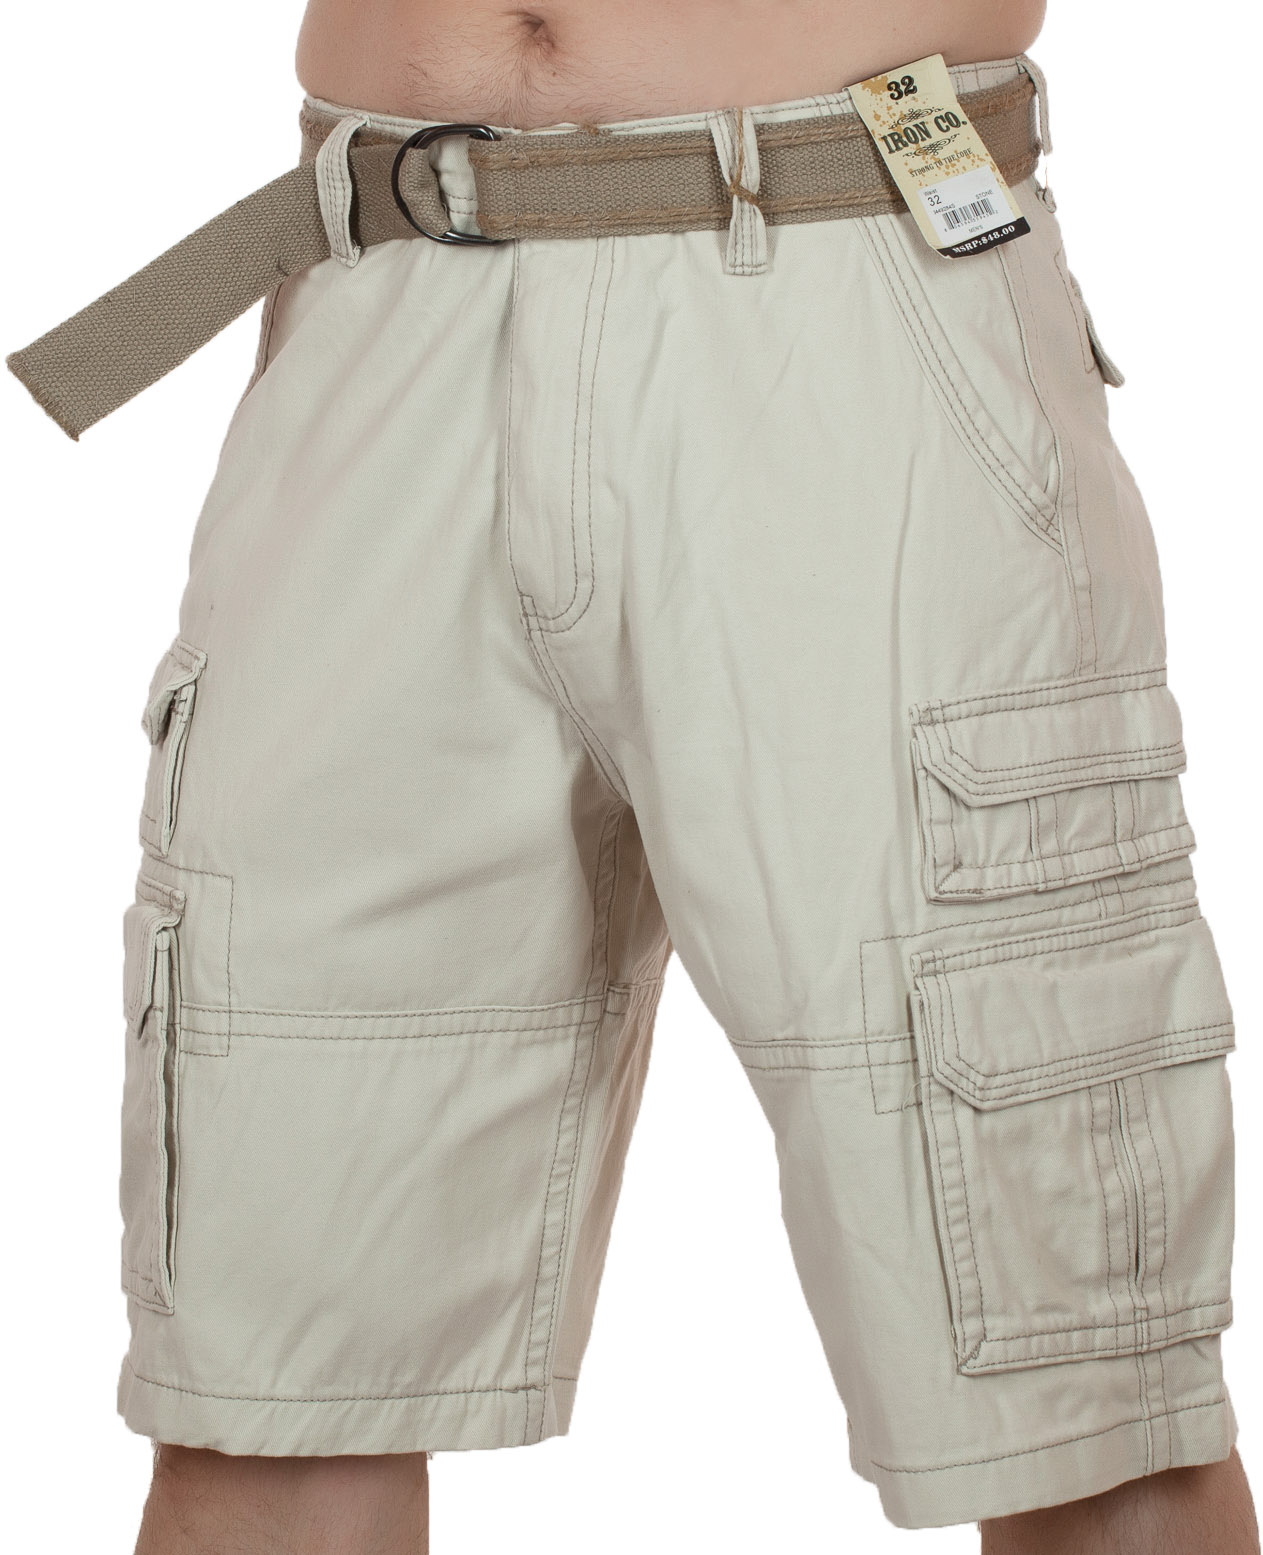 Мужские хлопковые шорты (Iron Co., США)